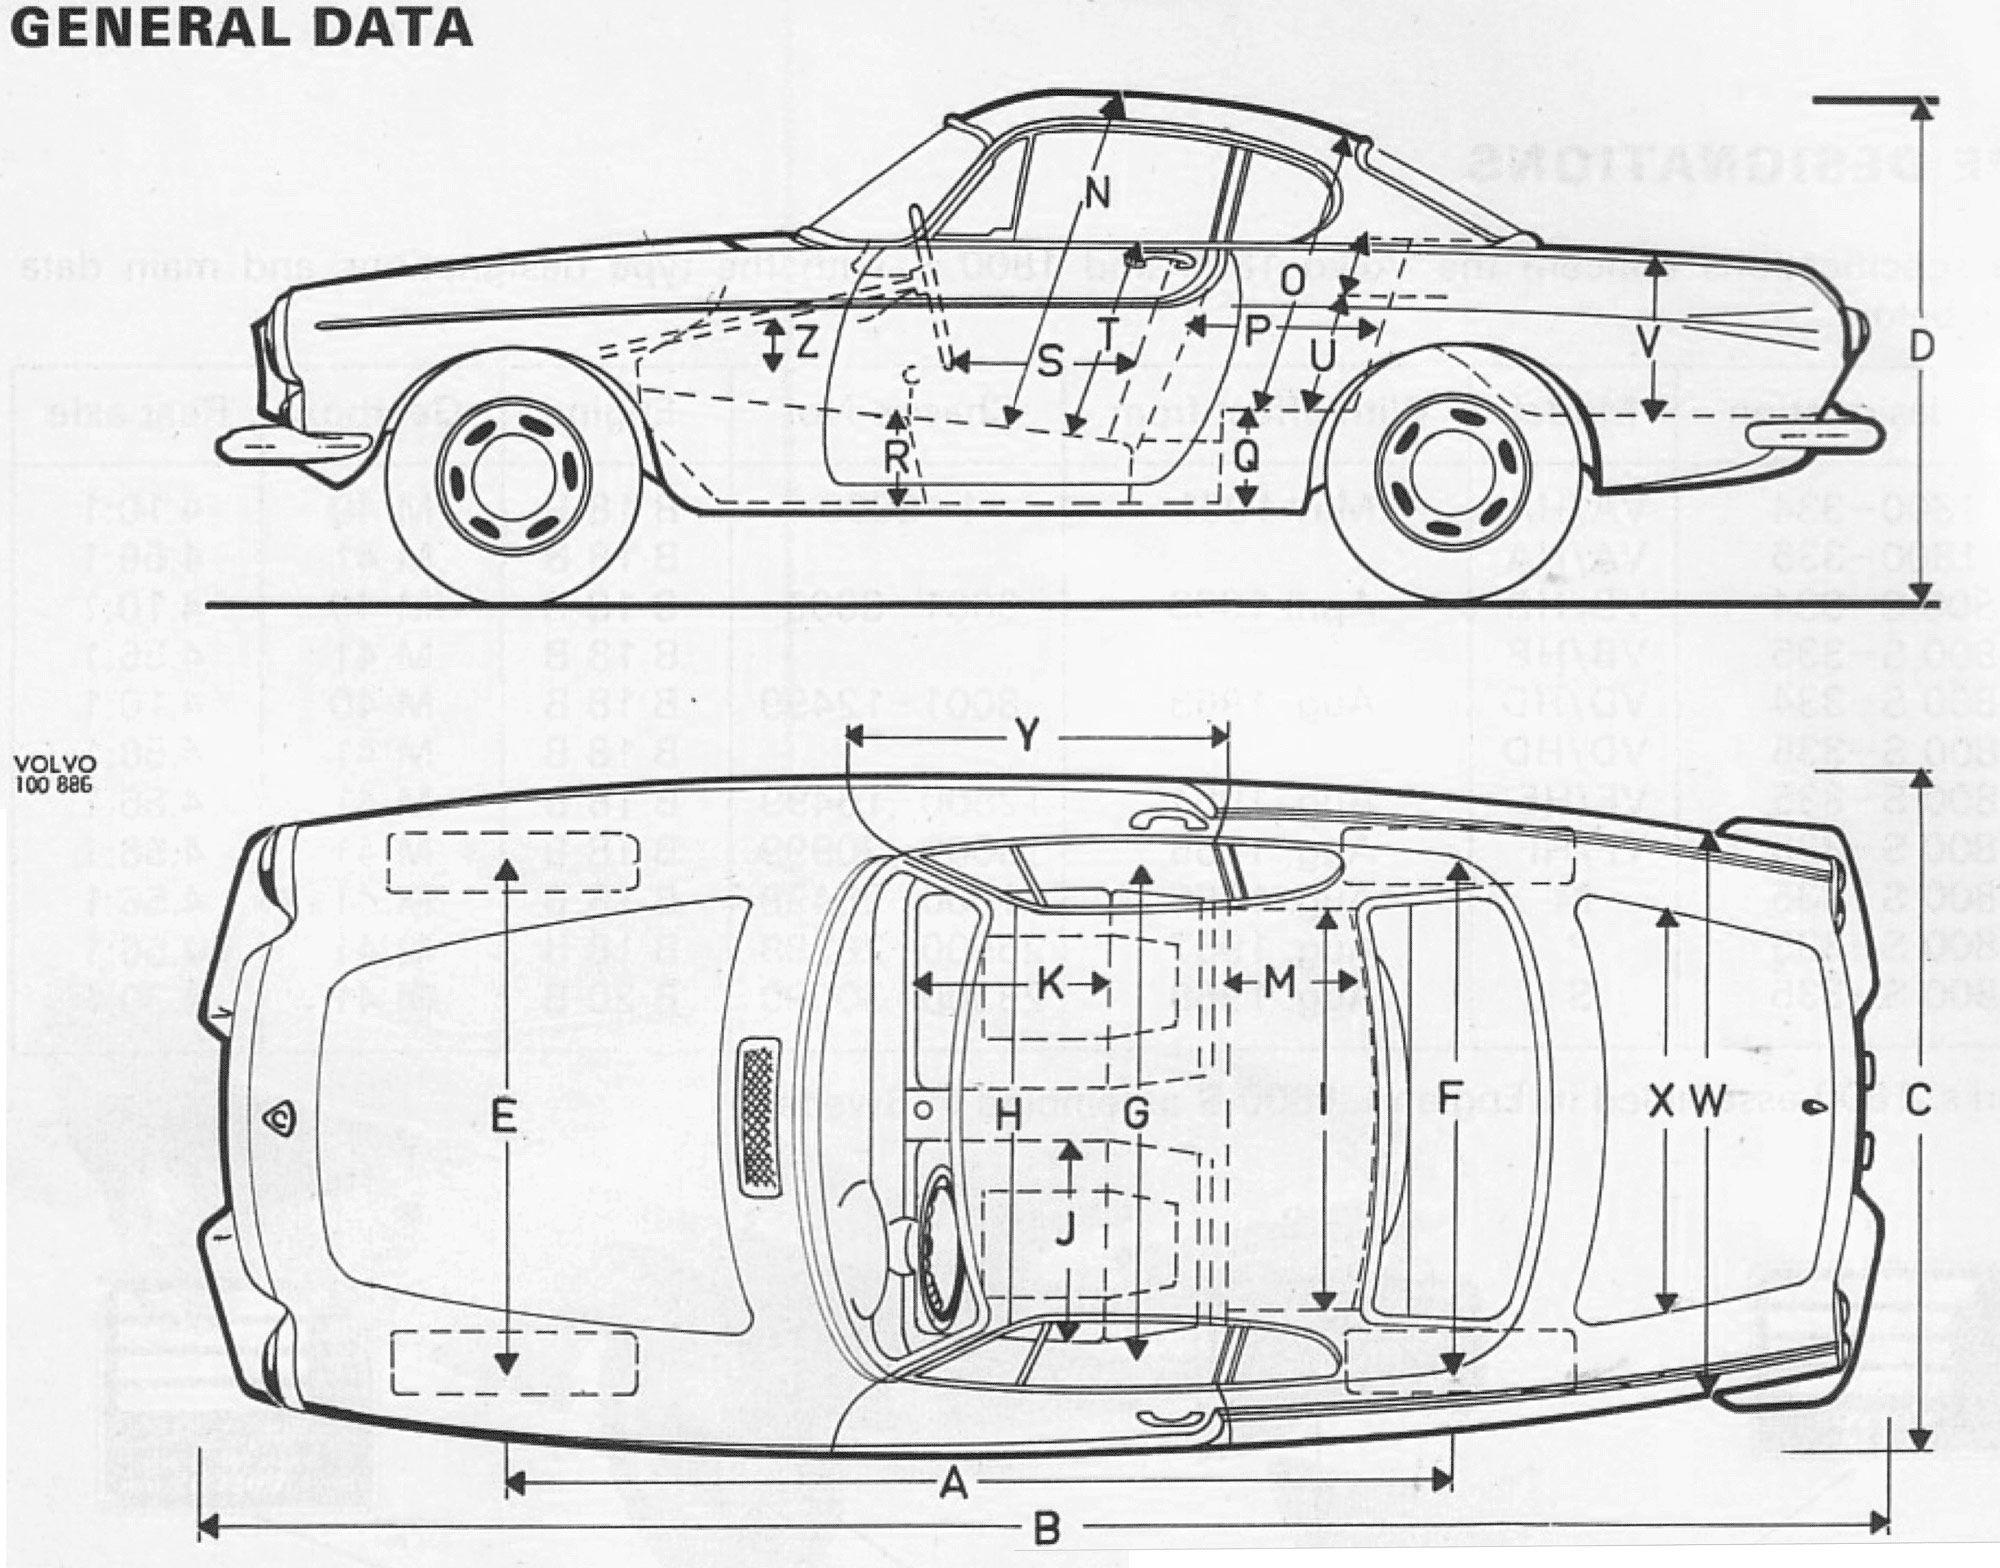 Volvo C70 Dimensions